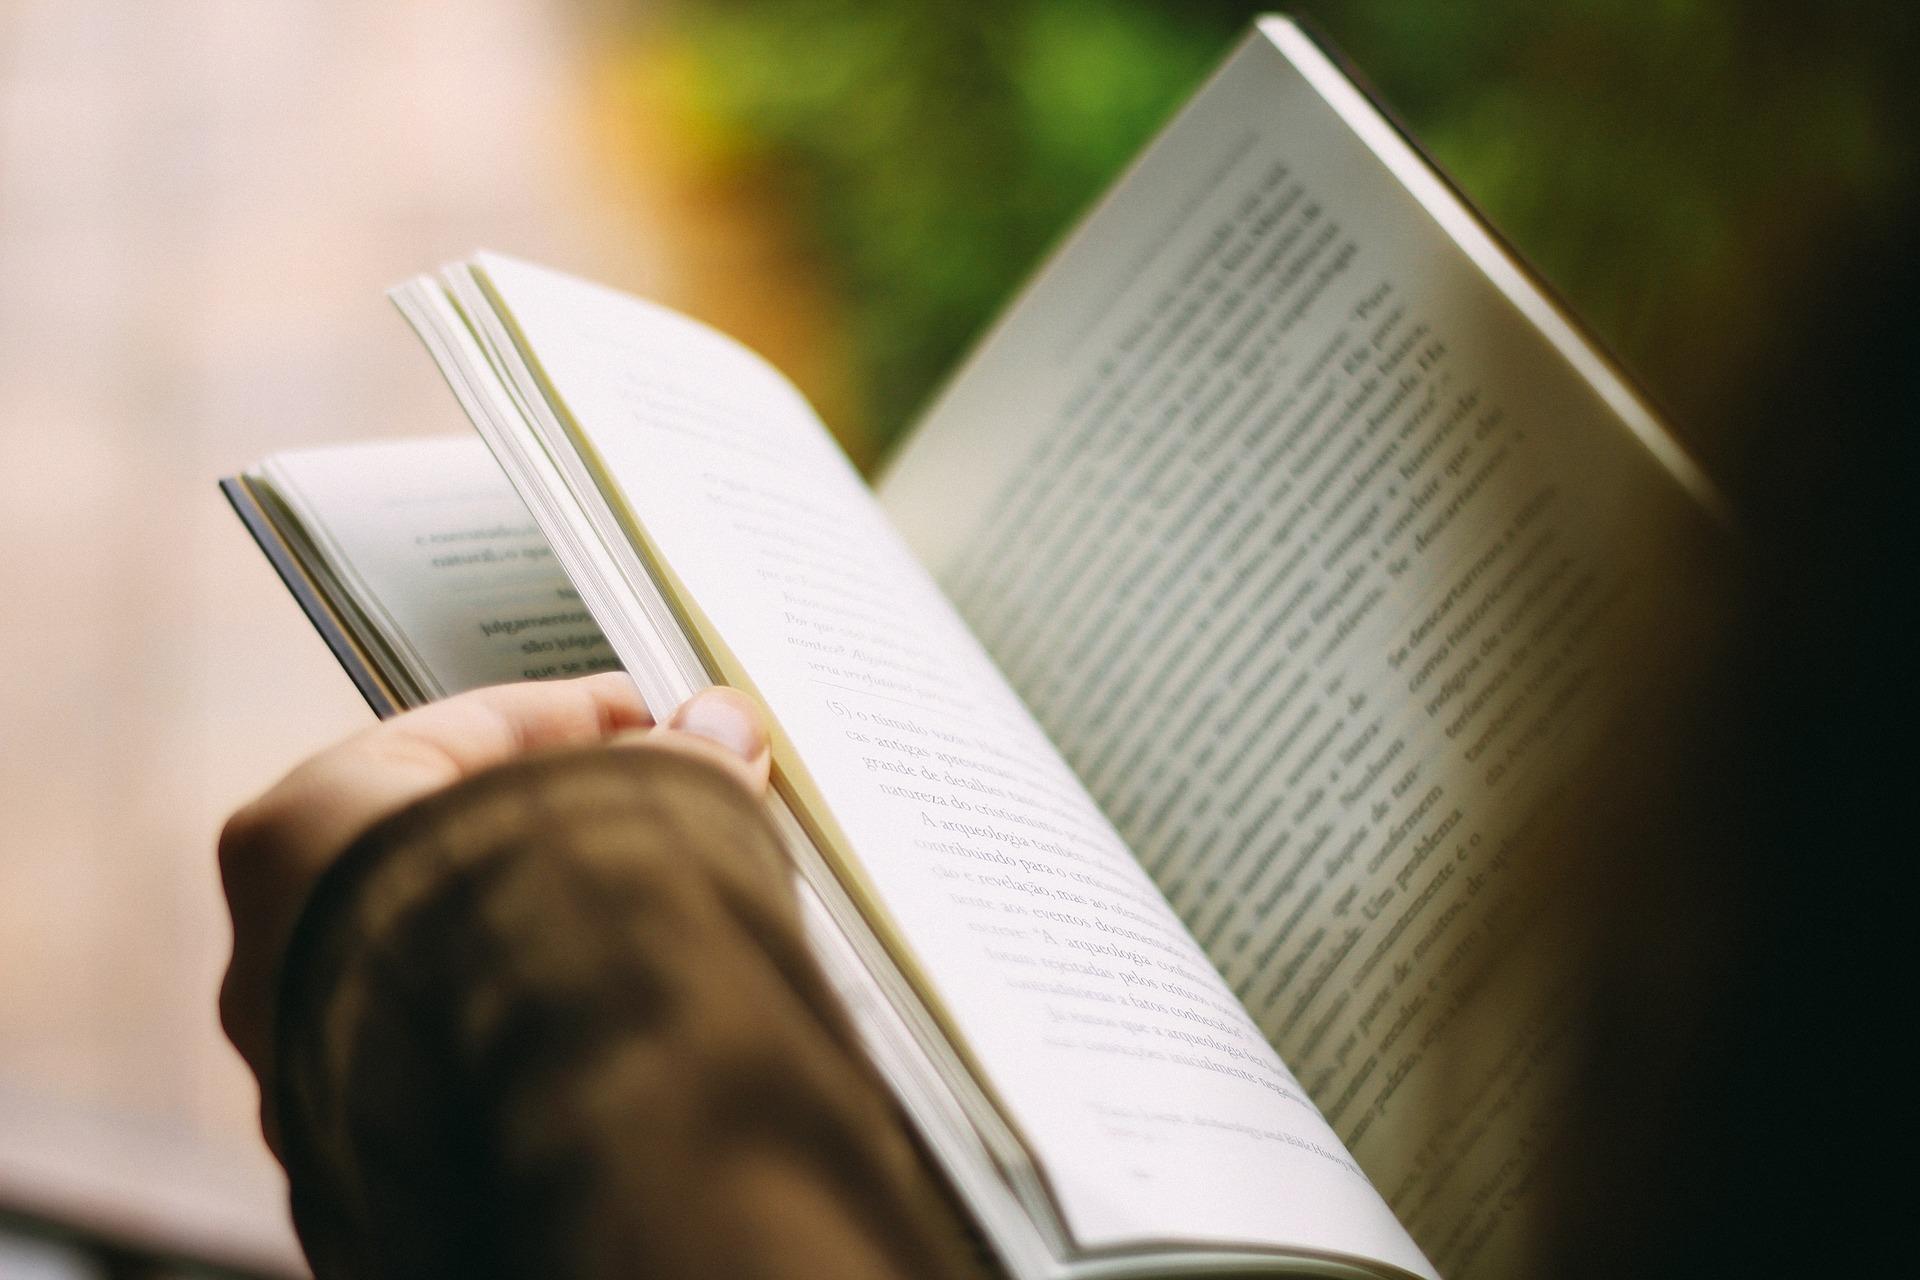 Der richtige Start mit dem ersten Kinderbuch - Tipps über Buchpreis, Lesungen, Webseite